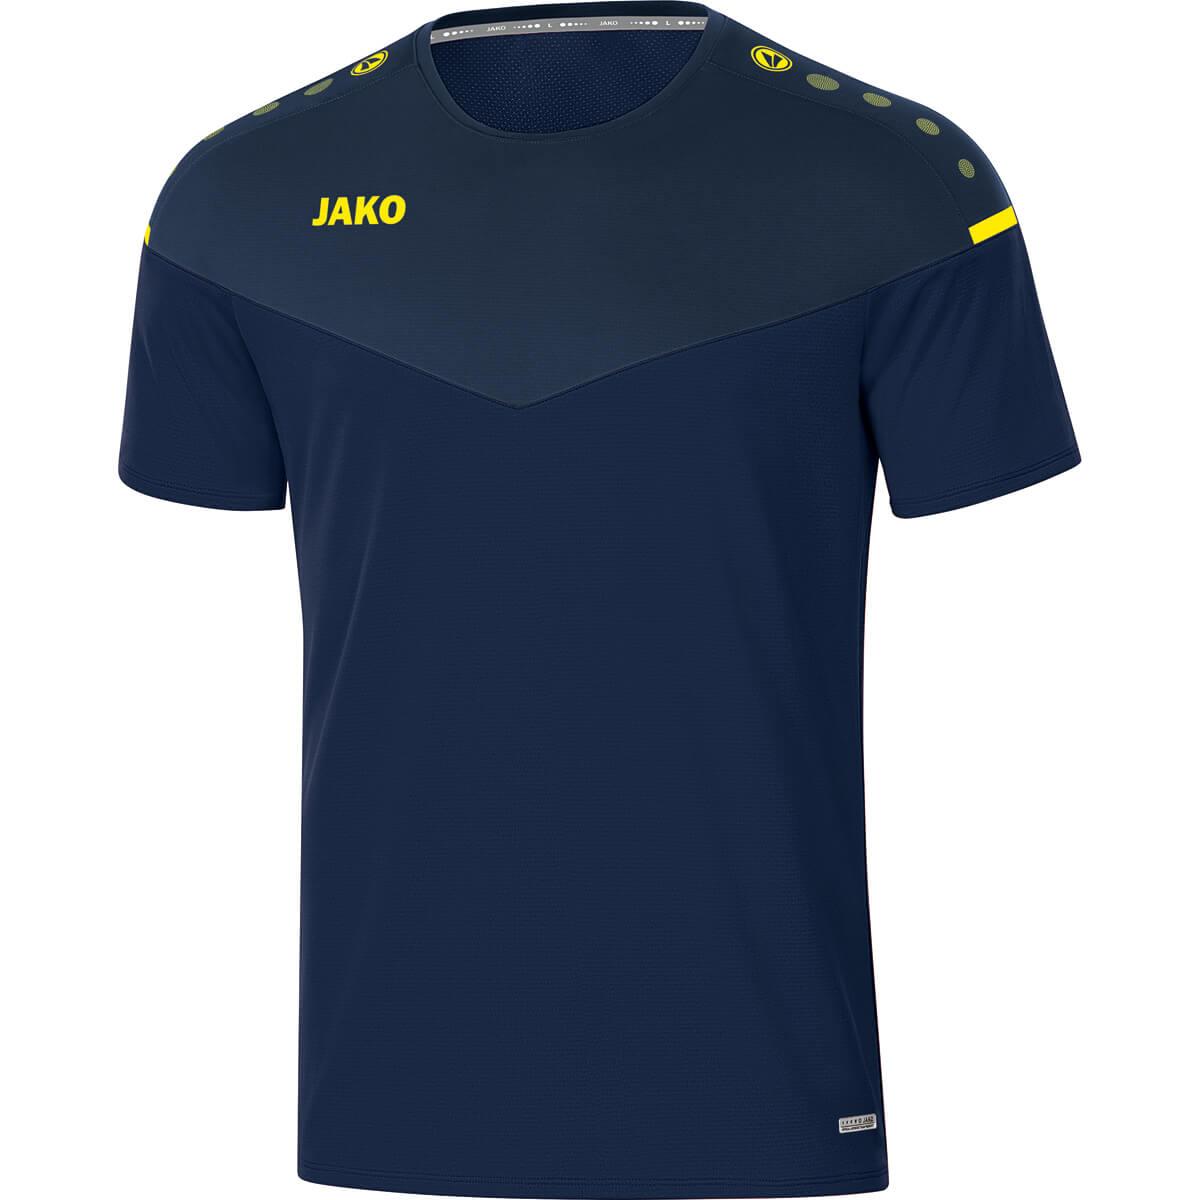 Jako T-Shirt Champ 2.0 Herren 6120  | div. Größen / Farben